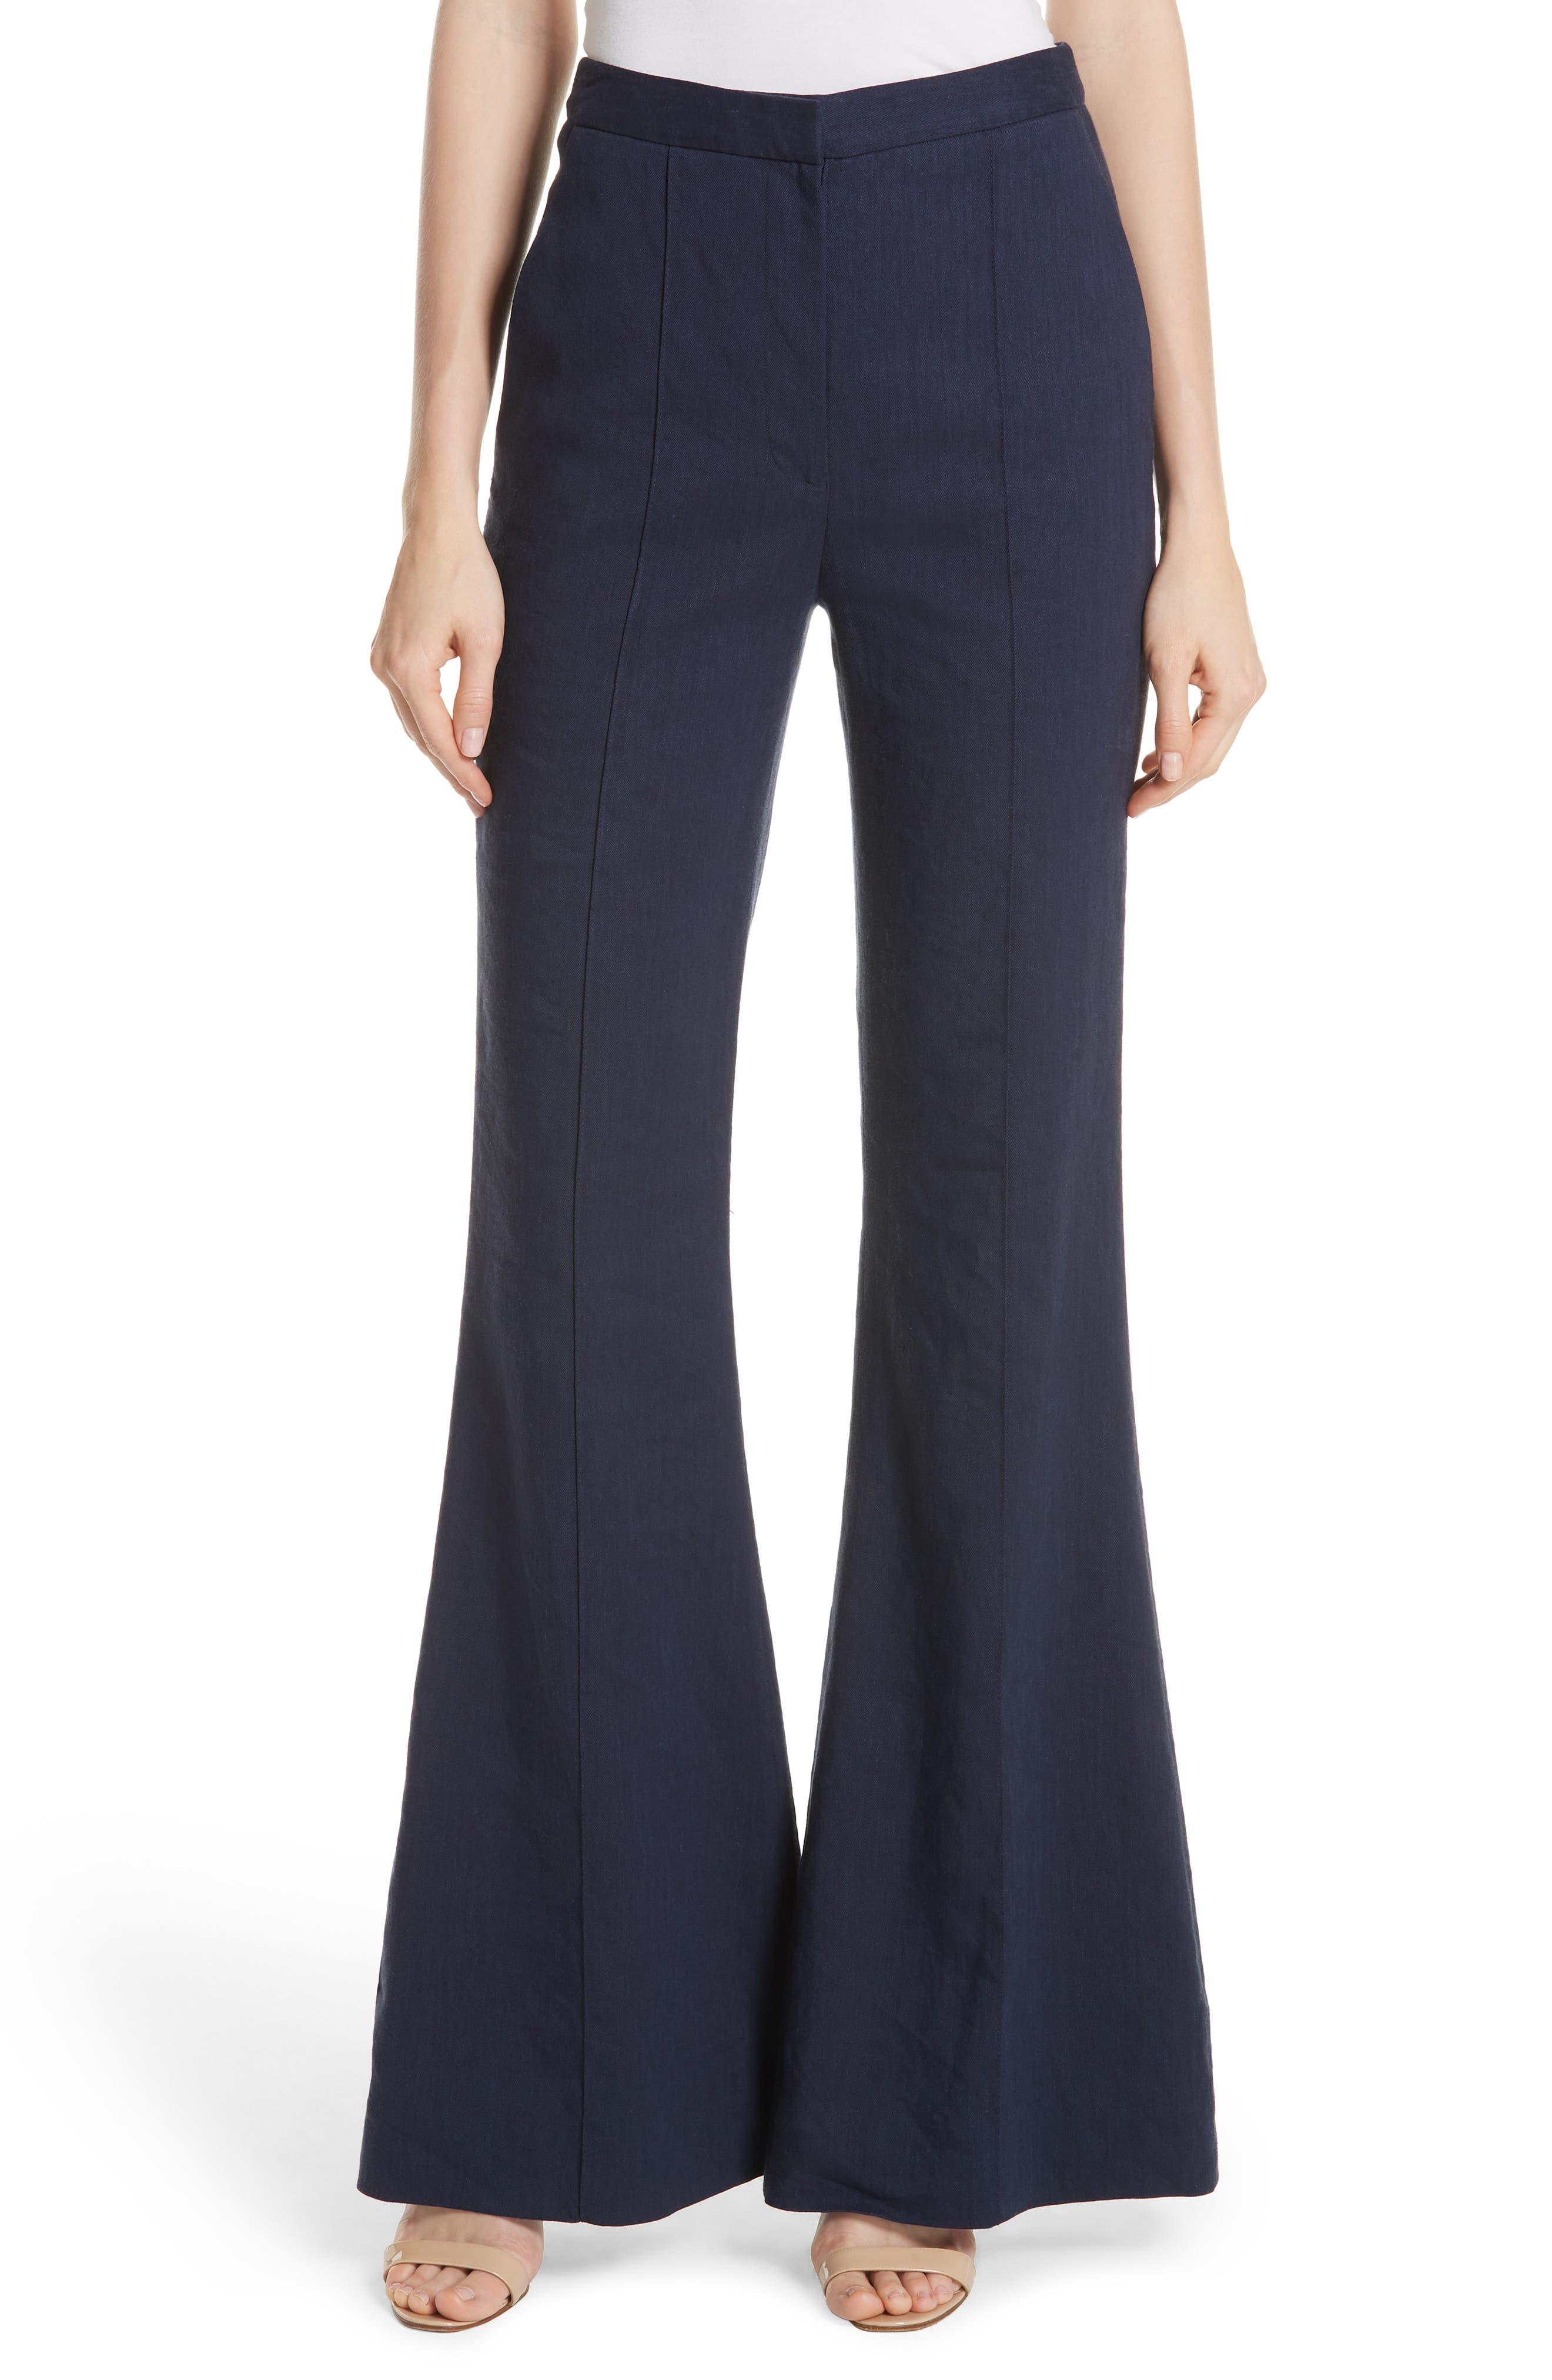 Diane von Furstenberg Pleat Front Flare Stretch Linen Blend Pants,                         Main,                         color, 485